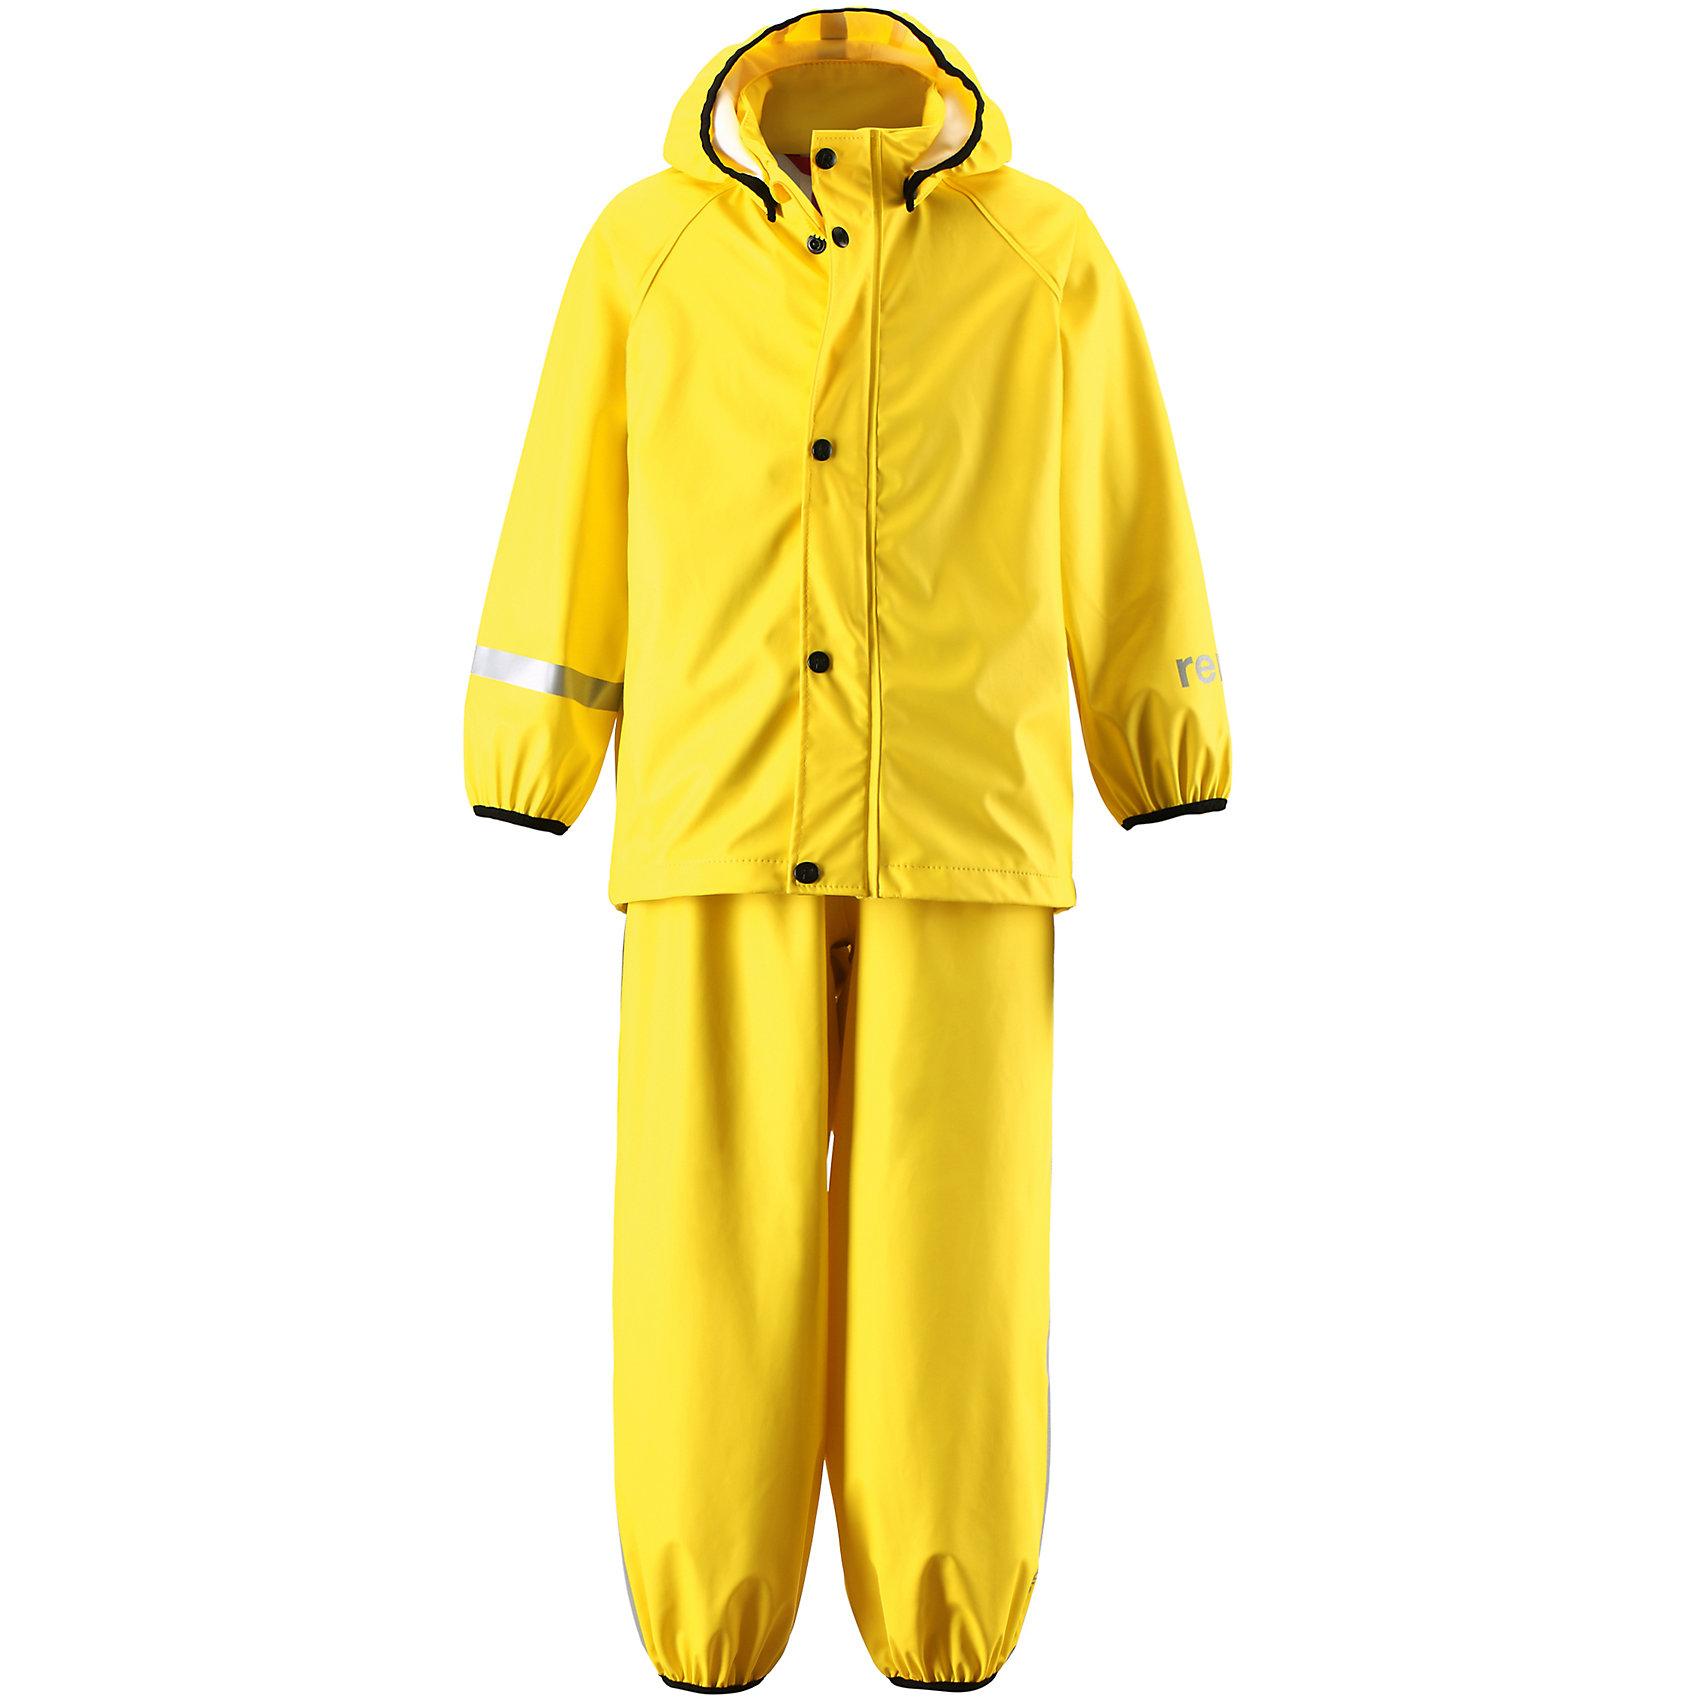 Непромокаемый комплект:куртка и брюки Viima ReimaОдежда<br>Непромокаемый комплект:куртка и брюки Reima.<br>Комплект для дождливой погоды для детей. Запаянные швы, не пропускающие влагу. Эластичный материал. Без ПХВ. Безопасный, съемный капюшон. Эластичная резинка на кромке капюшона. Эластичные манжеты. Эластичная талия. Эластичная резинка на штанинах. Съемные штрипки в размерах от 104 до 128 см. Молния спереди. Безопасные светоотражающие детали. Отличный вариант для дождливой погоды.<br>Уход:<br>Стирать по отдельности, вывернув наизнанку. Застегнуть молнии и липучки. Стирать моющим средством, не содержащим отбеливающие вещества. Полоскать без специального средства. Во избежание изменения цвета изделие необходимо вынуть из стиральной машинки незамедлительно после окончания программы стирки. Сушить при низкой температуре.<br>Состав:<br>100% Полиамид, полиуретановое покрытие<br><br>Ширина мм: 356<br>Глубина мм: 10<br>Высота мм: 245<br>Вес г: 519<br>Цвет: желтый<br>Возраст от месяцев: 60<br>Возраст до месяцев: 72<br>Пол: Унисекс<br>Возраст: Детский<br>Размер: 116,134,140,128,122<br>SKU: 4778133